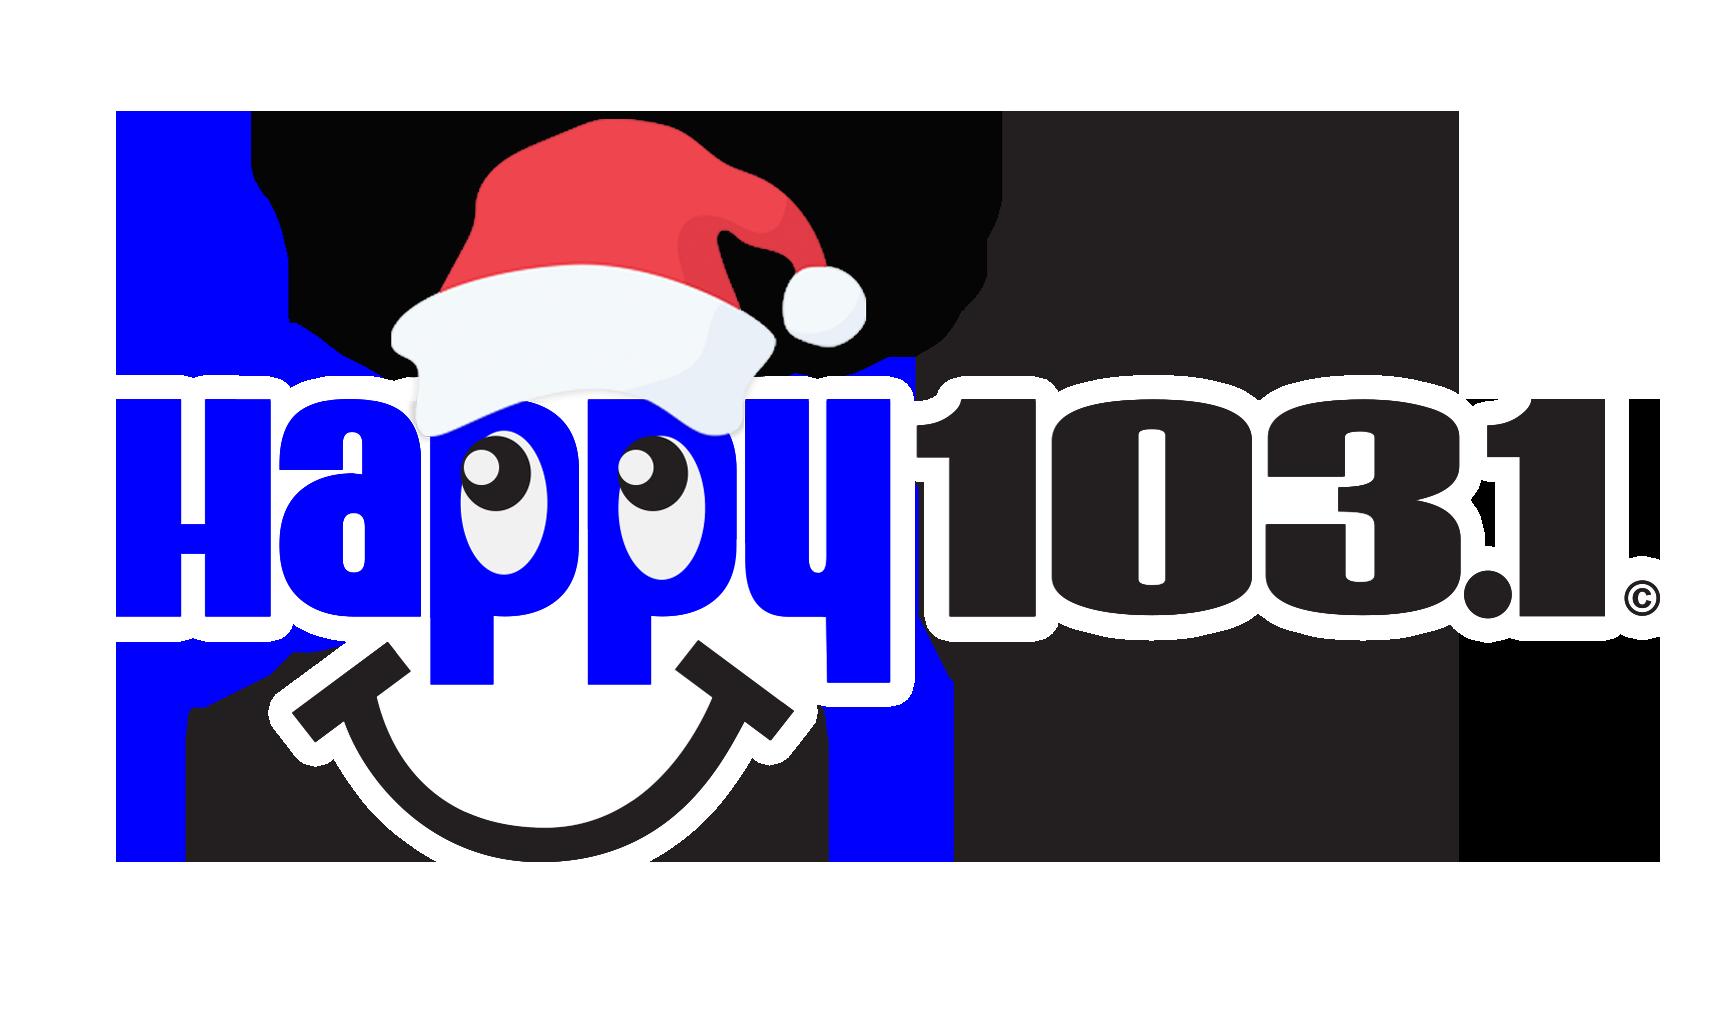 Happy103.1